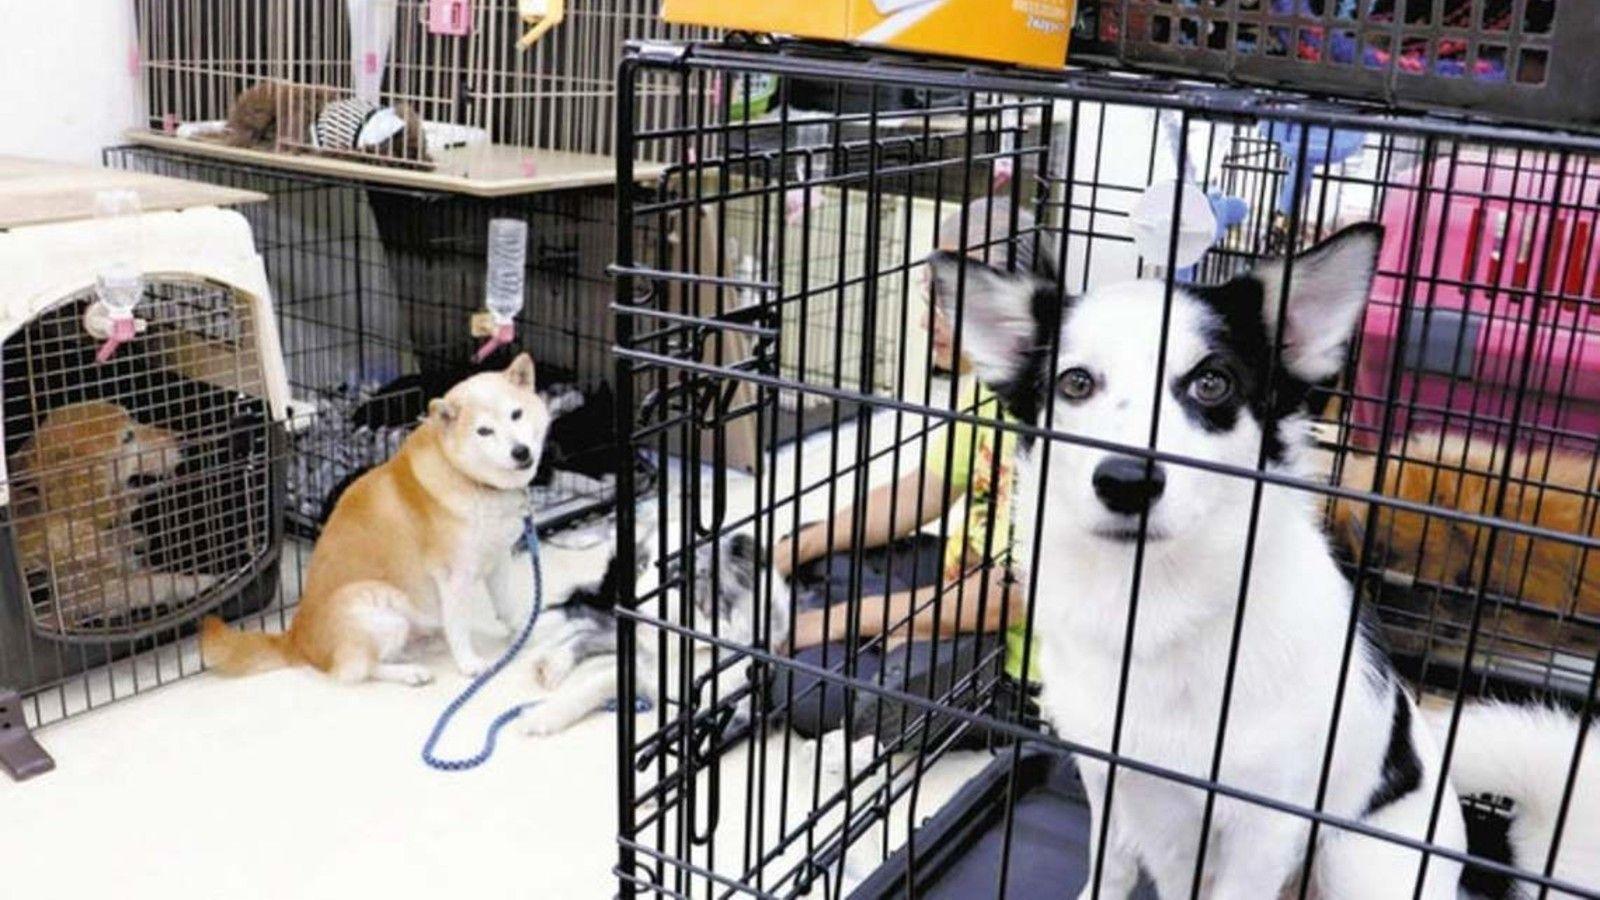 犬猫「譲渡会」に影を落とすコロナ禍の深刻影響   読売新聞